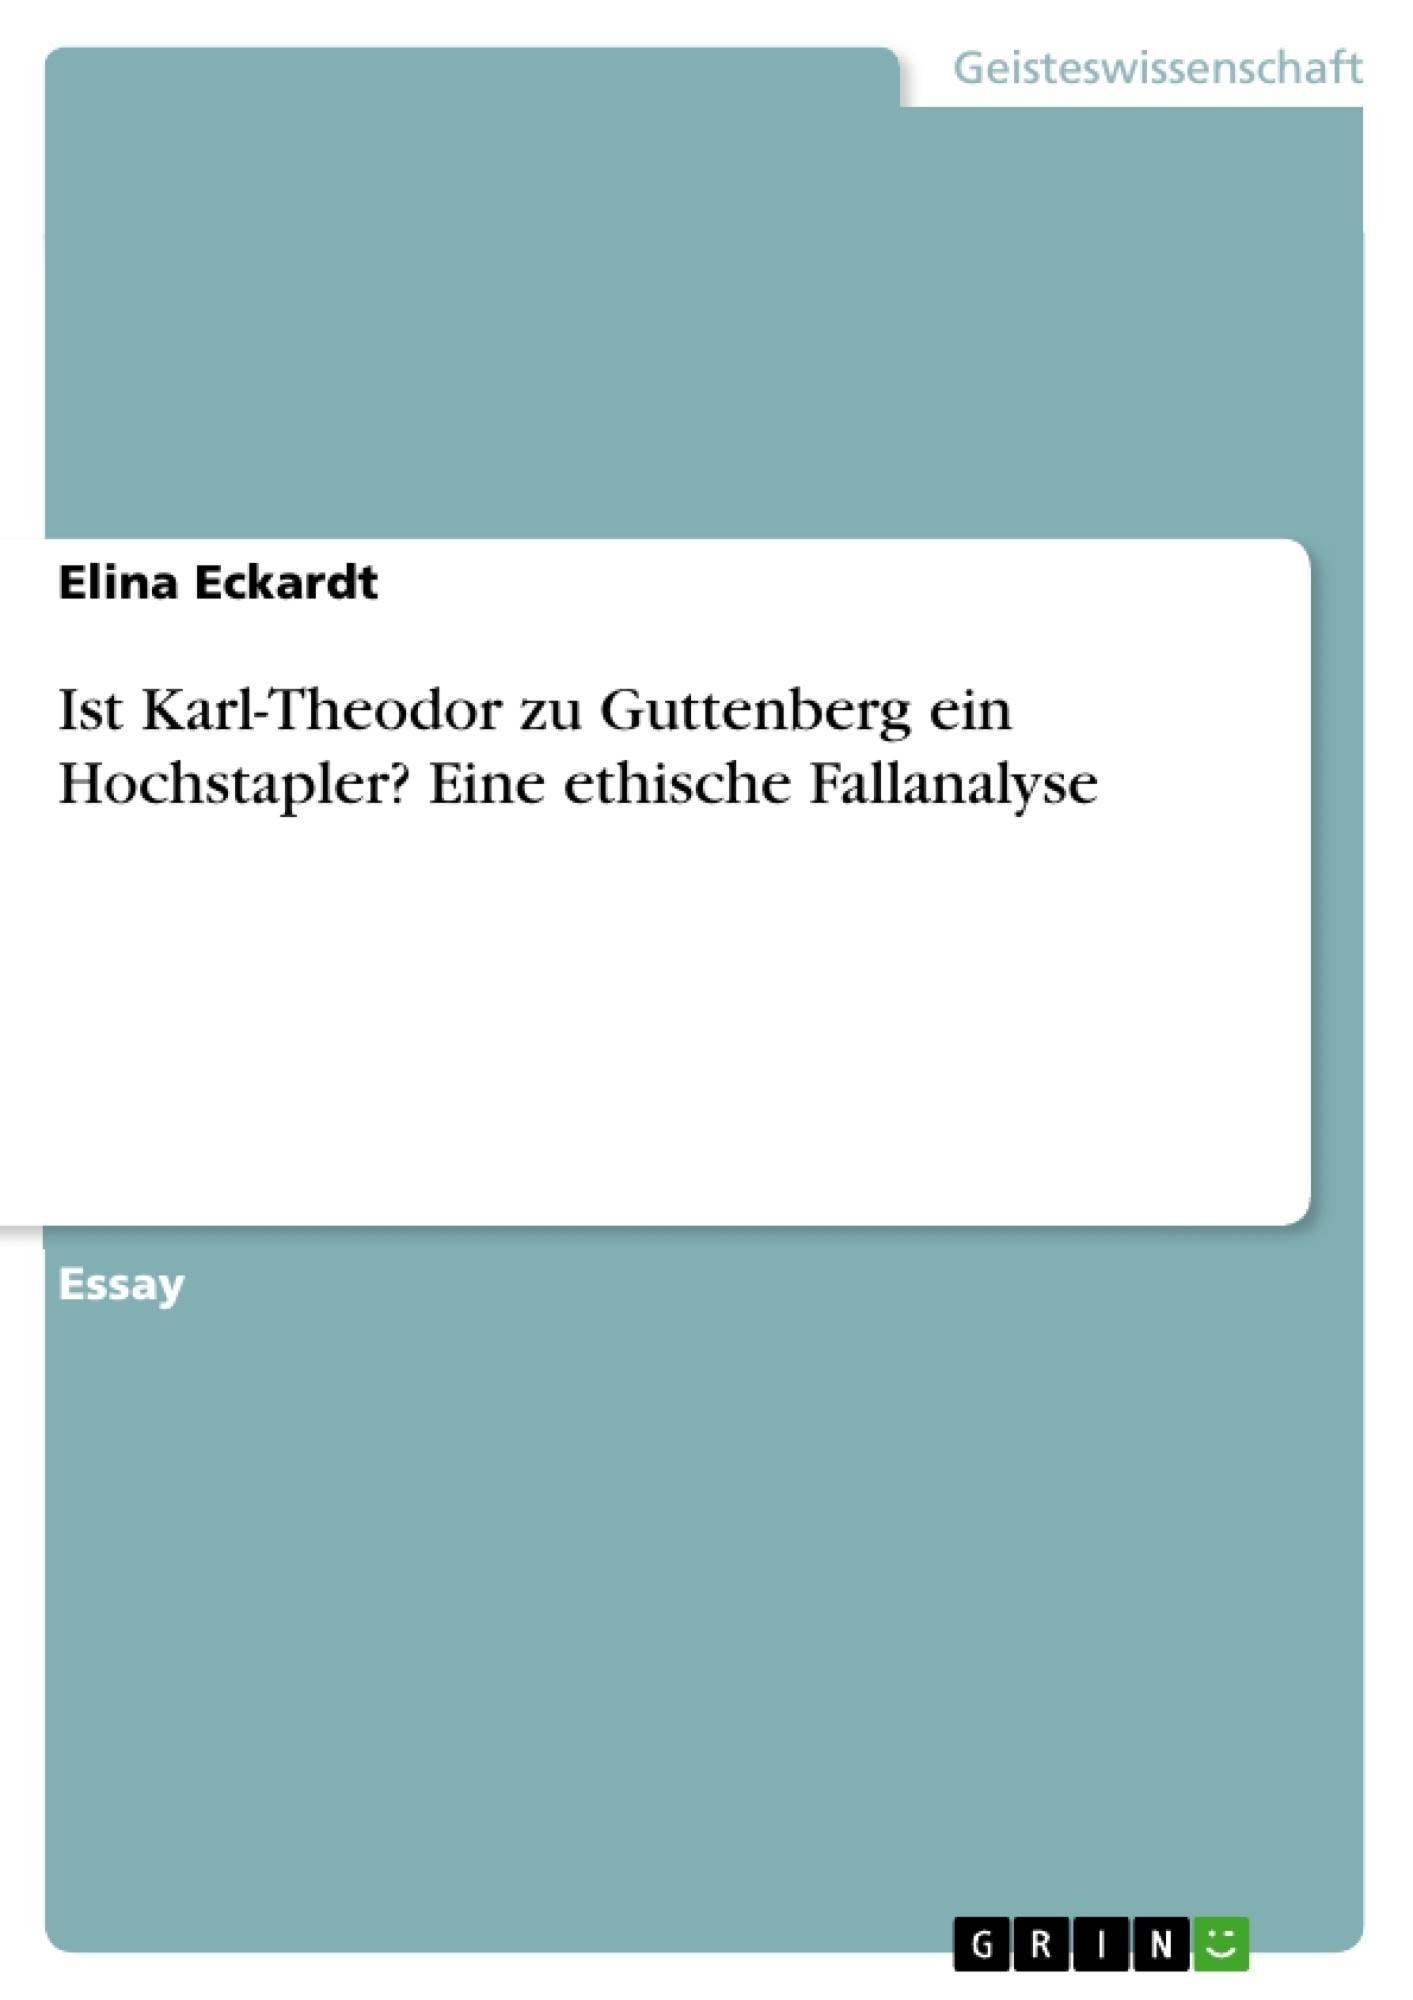 Titel: Ist Karl-Theodor zu Guttenberg ein Hochstapler? Eine ethische Fallanalyse